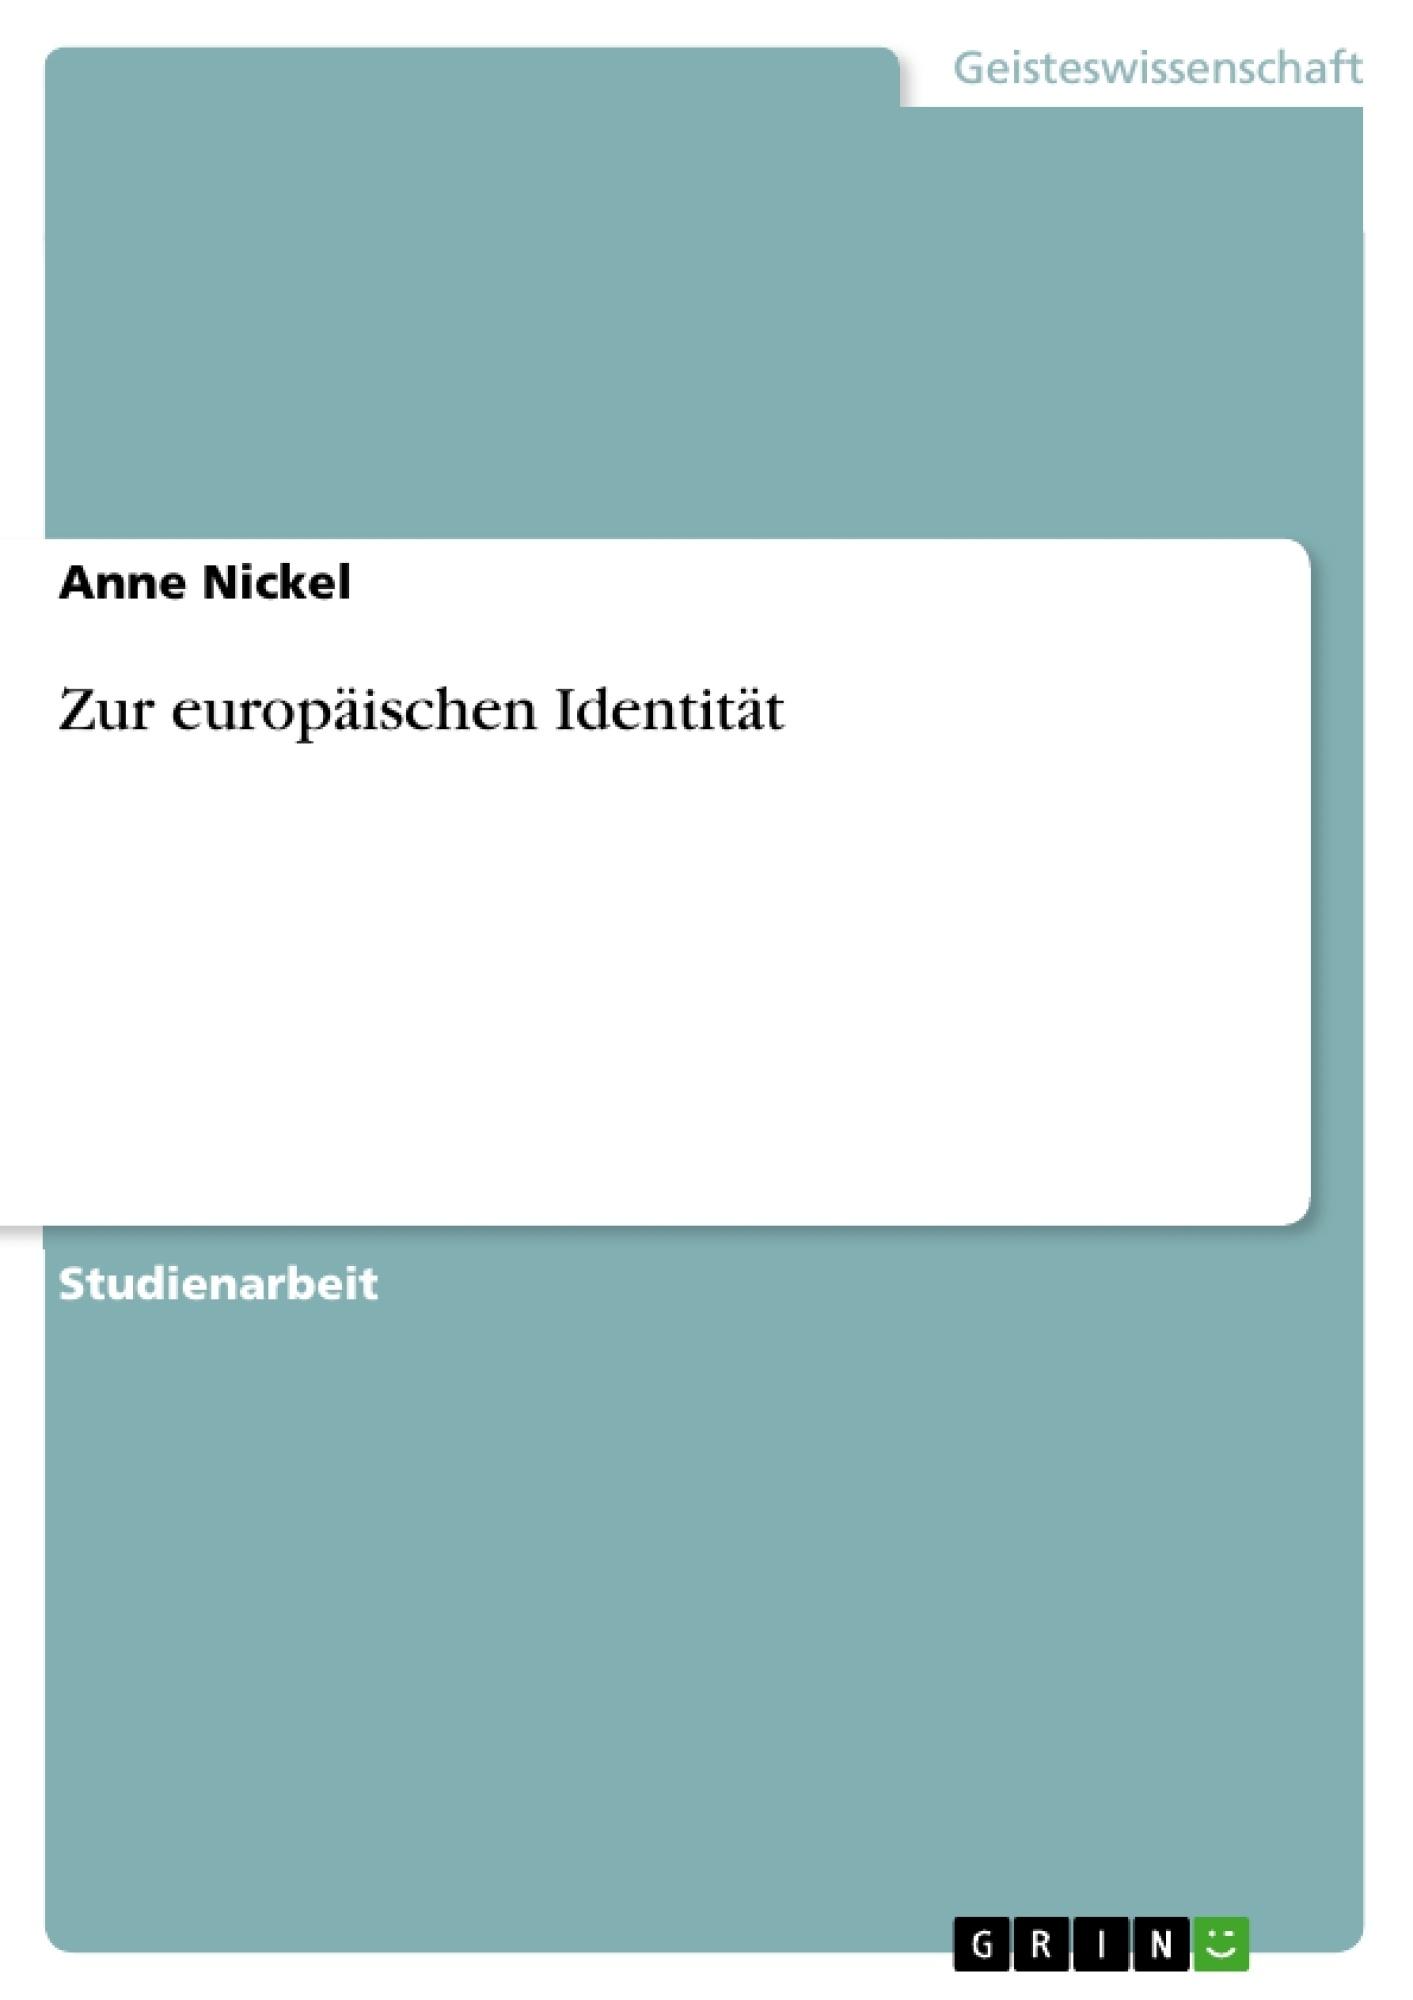 Titel: Zur europäischen Identität